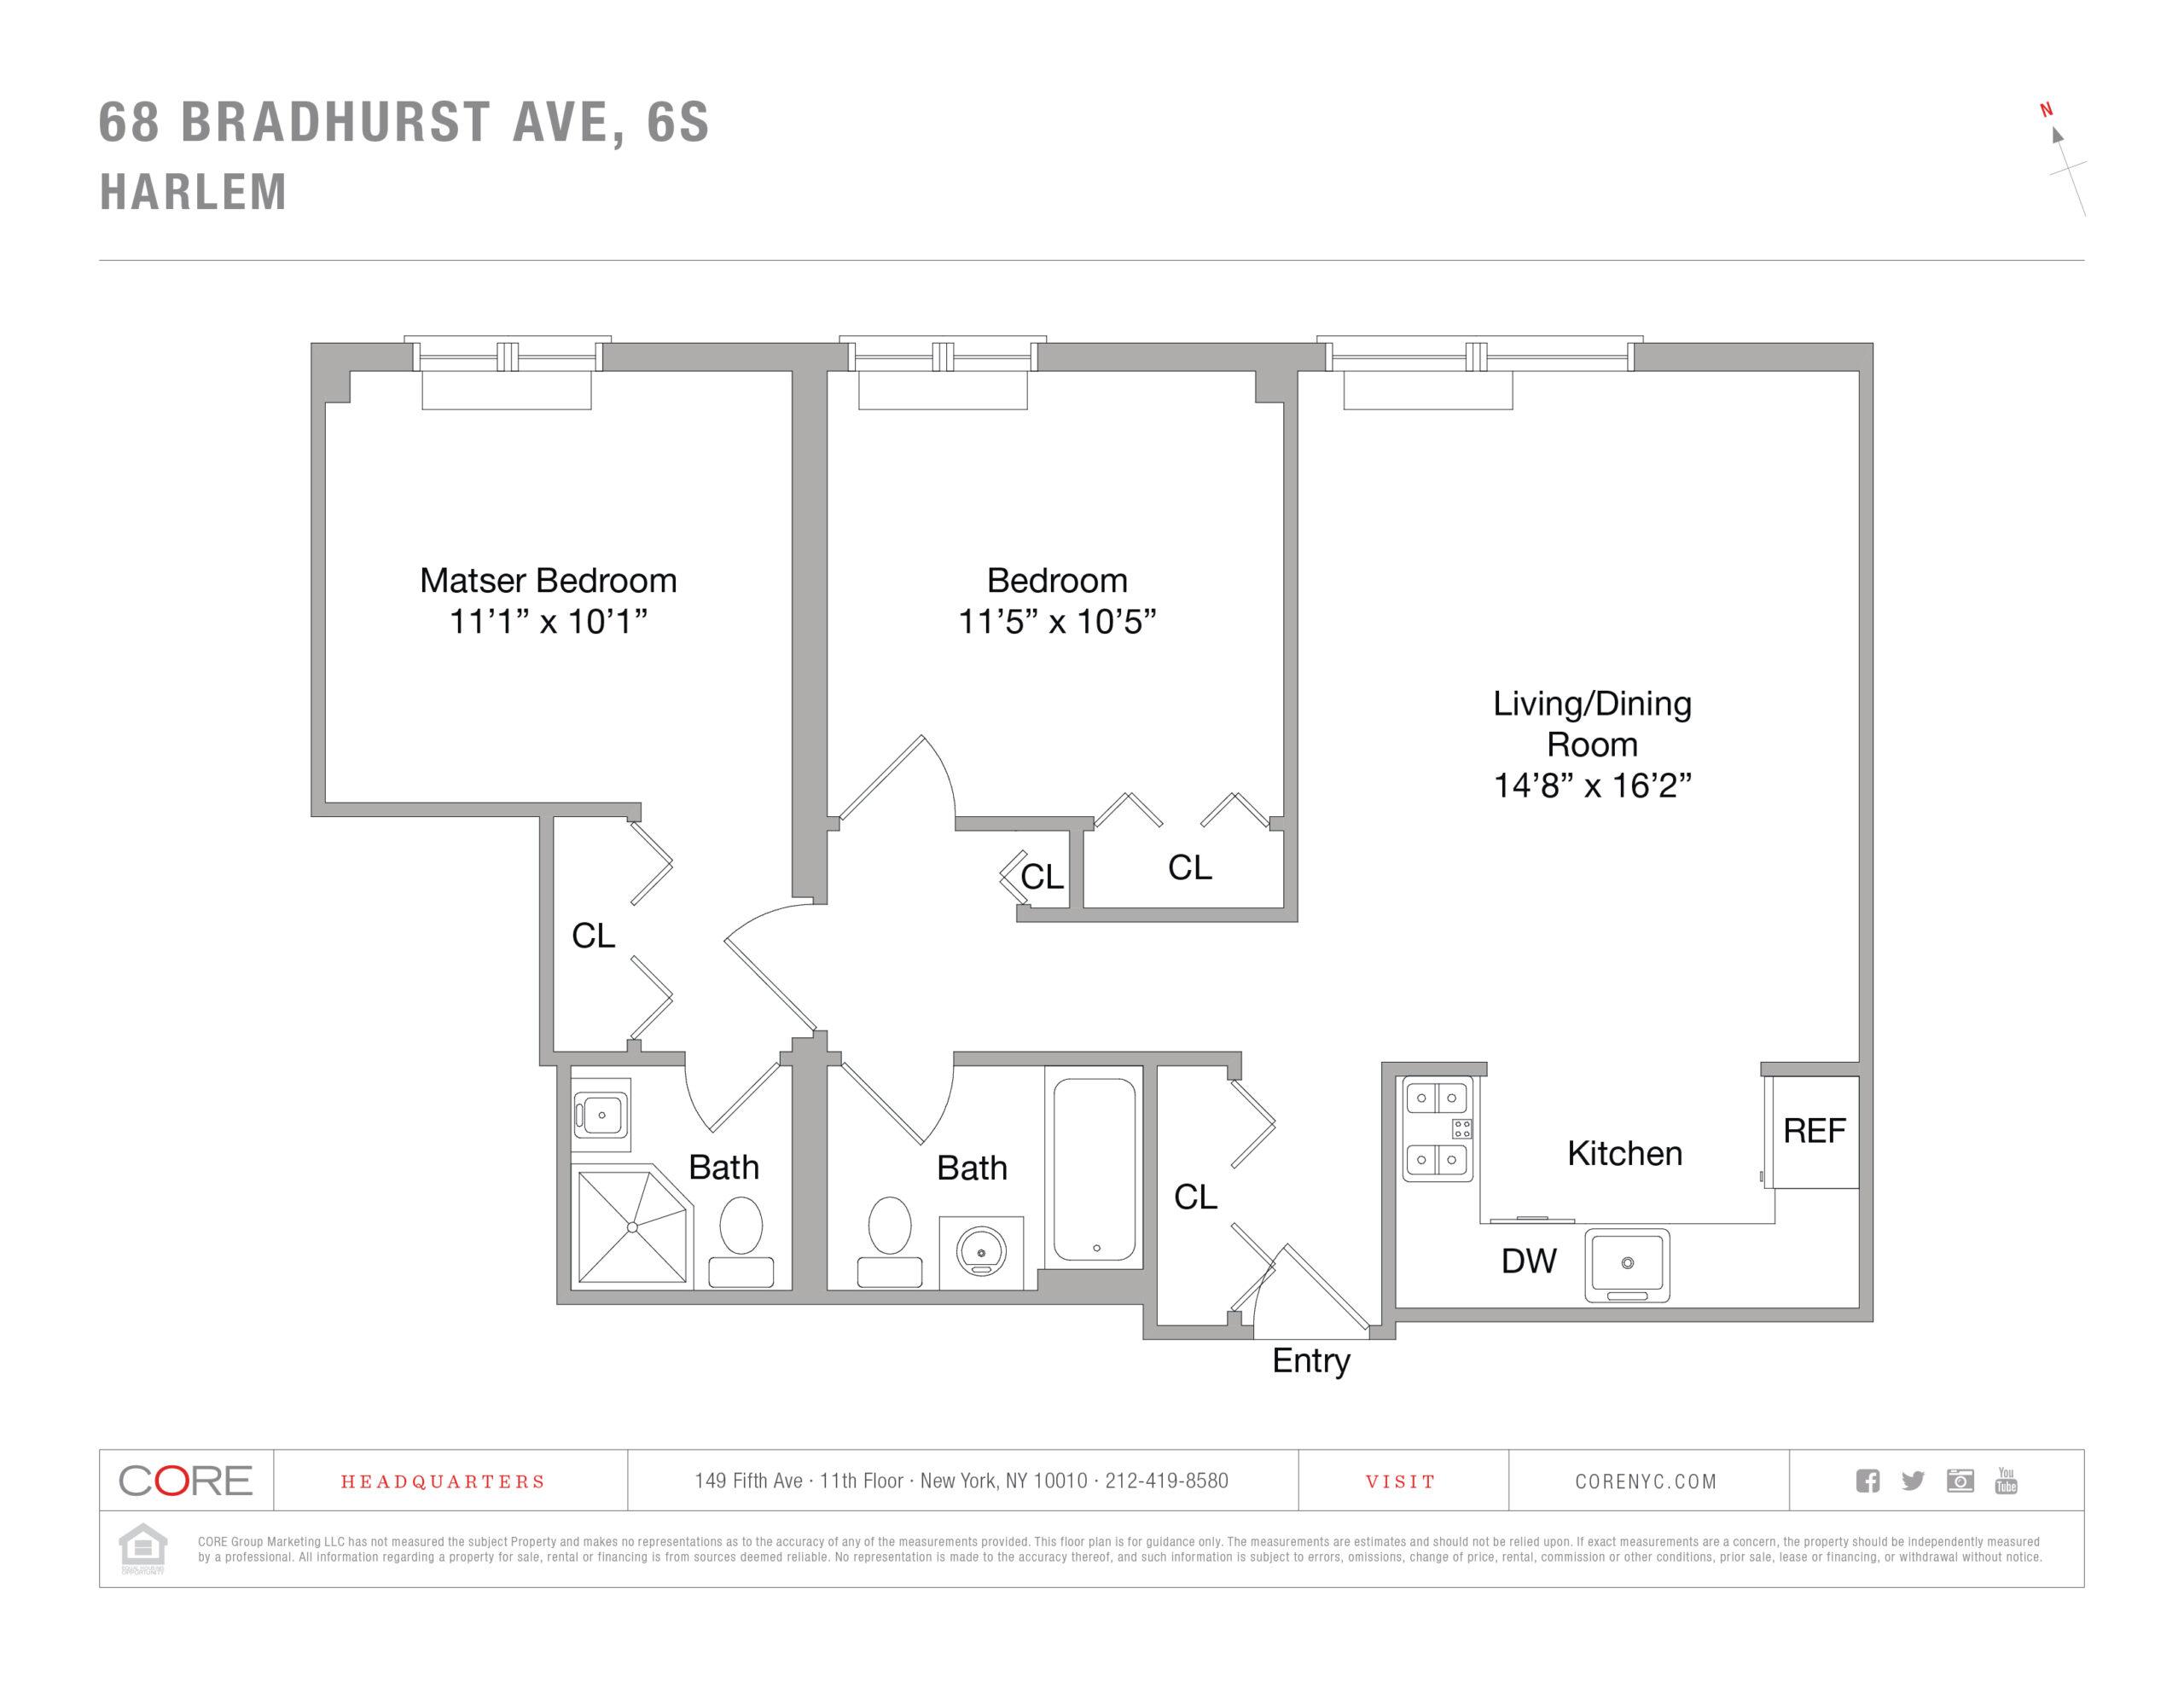 68 Bradhurst Ave. 6-S, New York, NY 10030